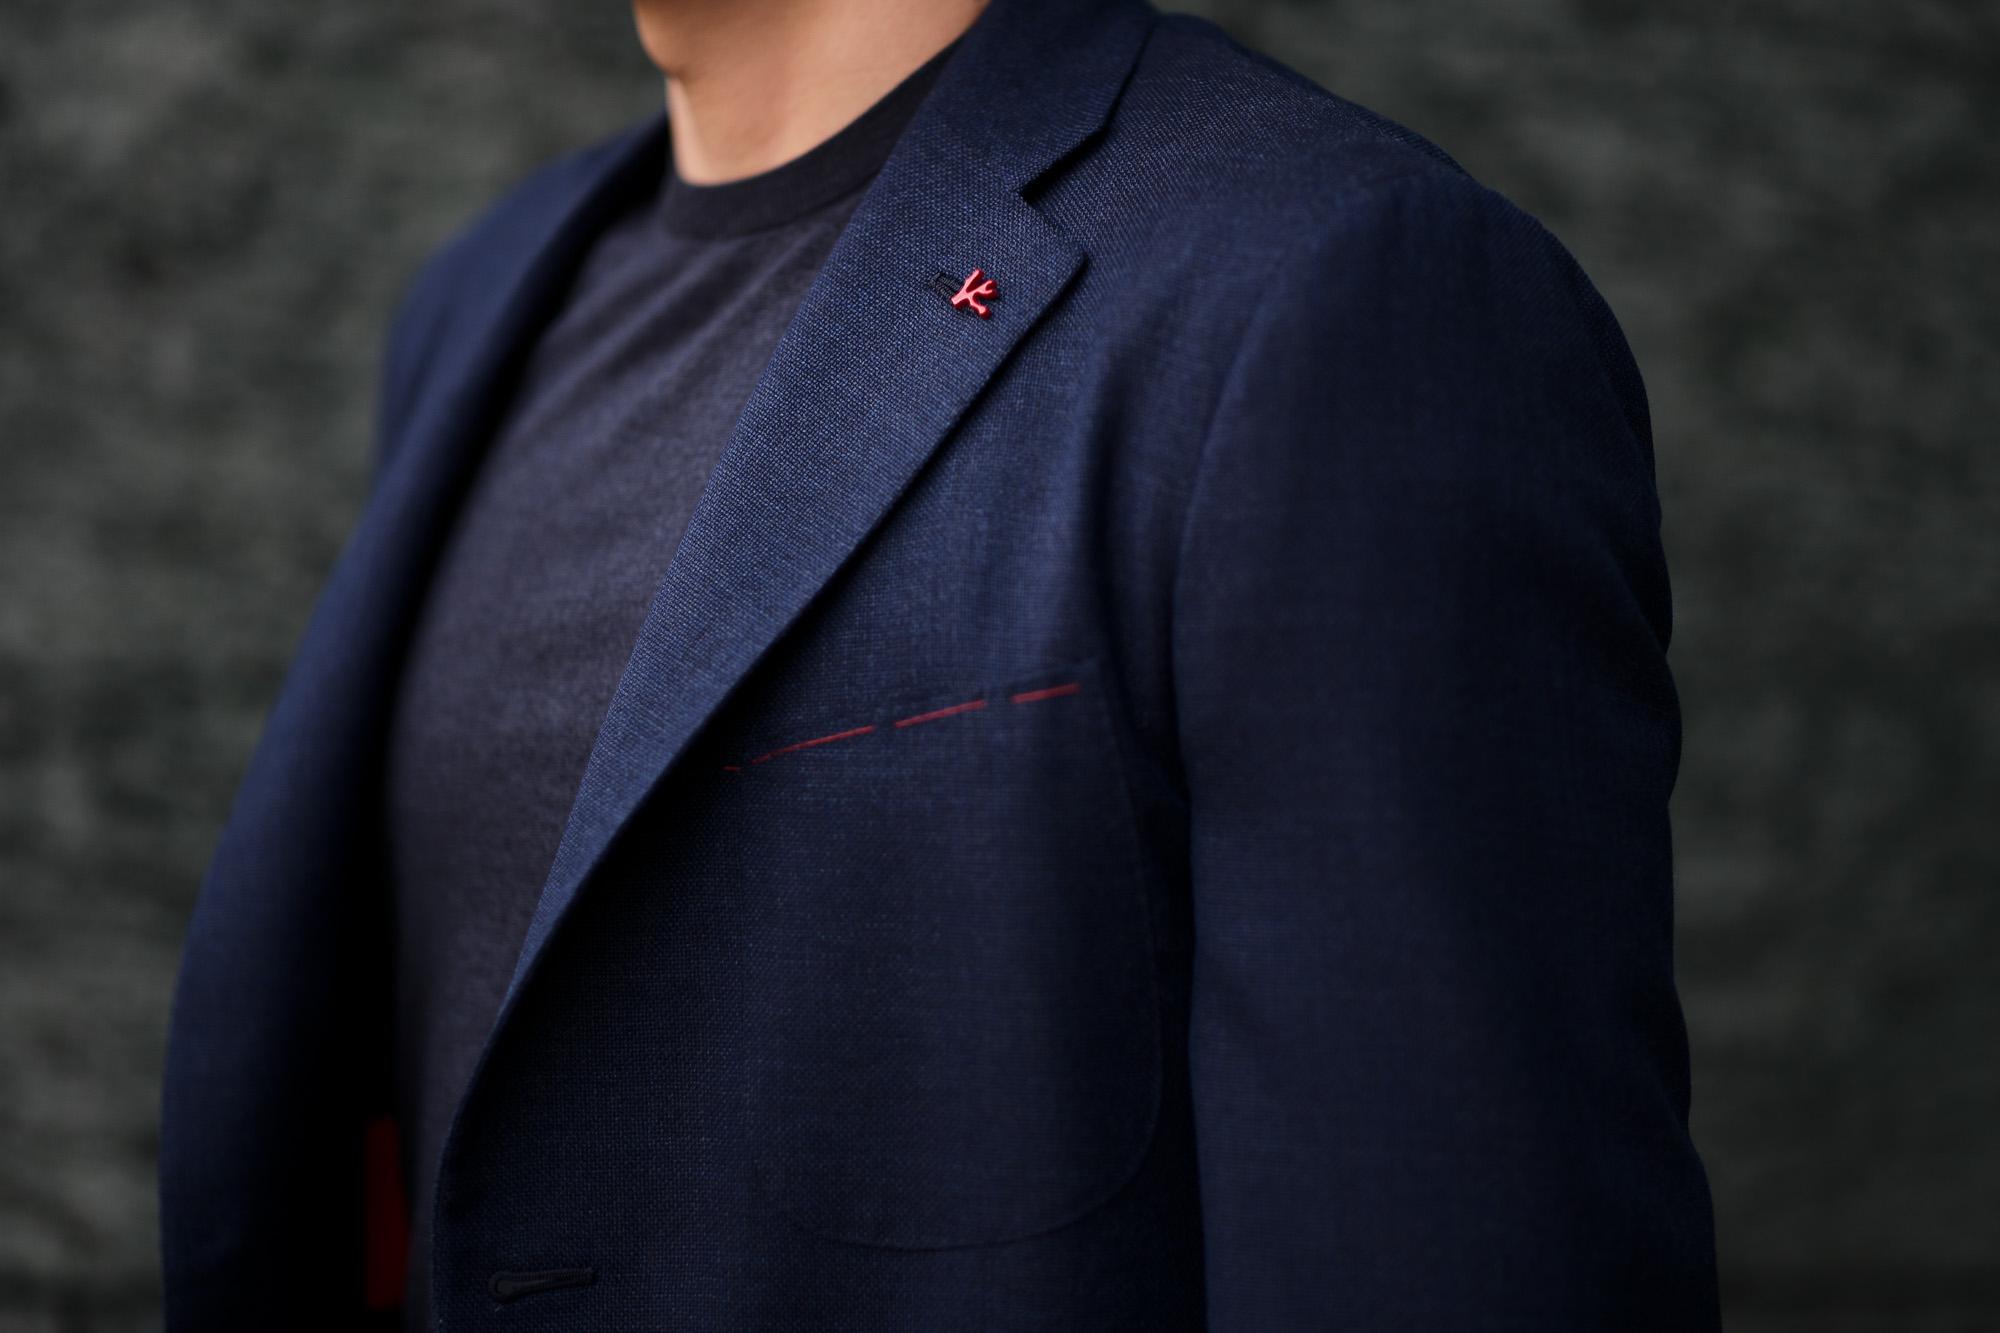 ISAIA (イザイア) POMPEI (ポンペイ) ウールシルク ホップサック サマー ジャケット NAVY (ネイビー・810) Made in italy (イタリア製) 2020 春夏新作 愛知 名古屋 altoediritto アルトエデリット